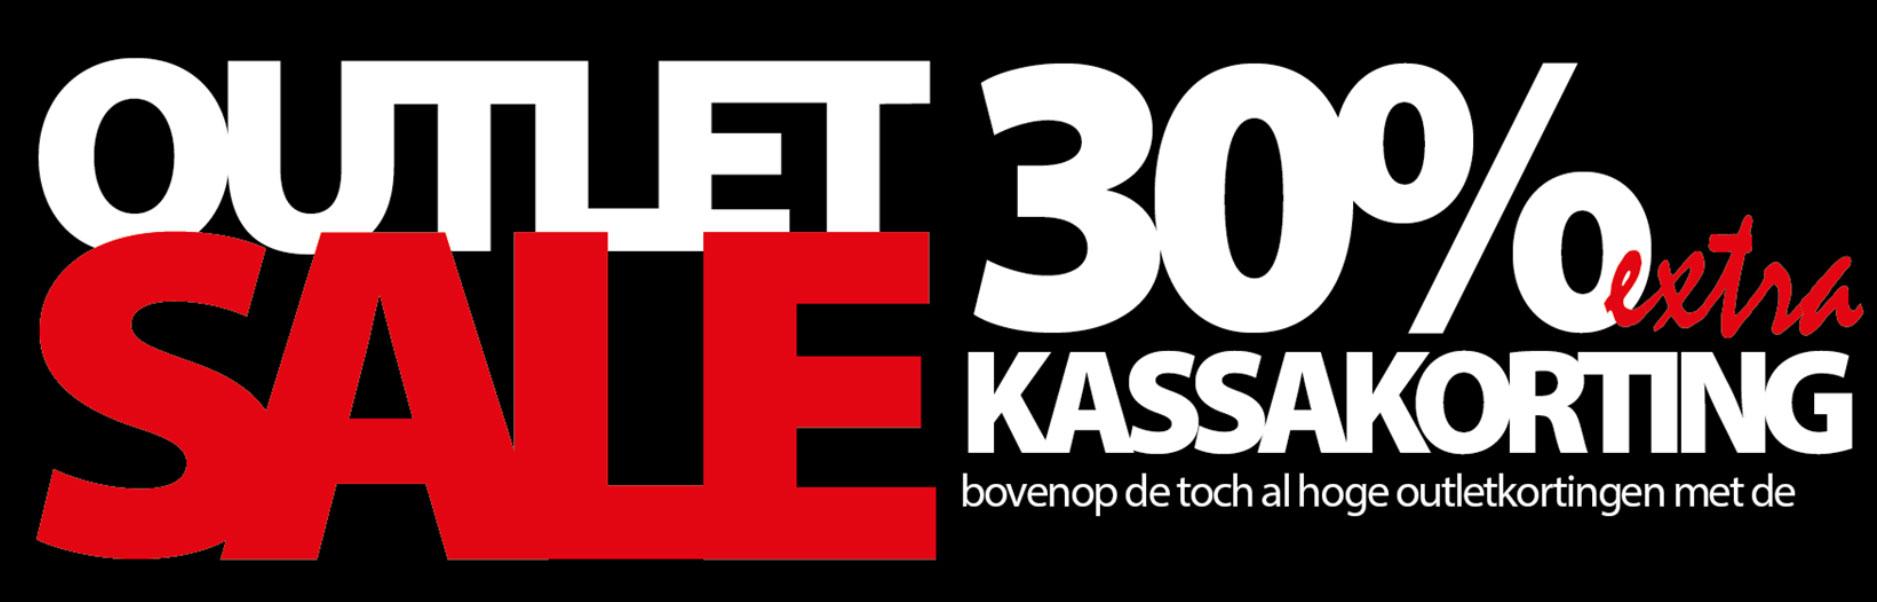 Met code 30% EXTRA korting op outlet (tot -80%) @ Voorwinden